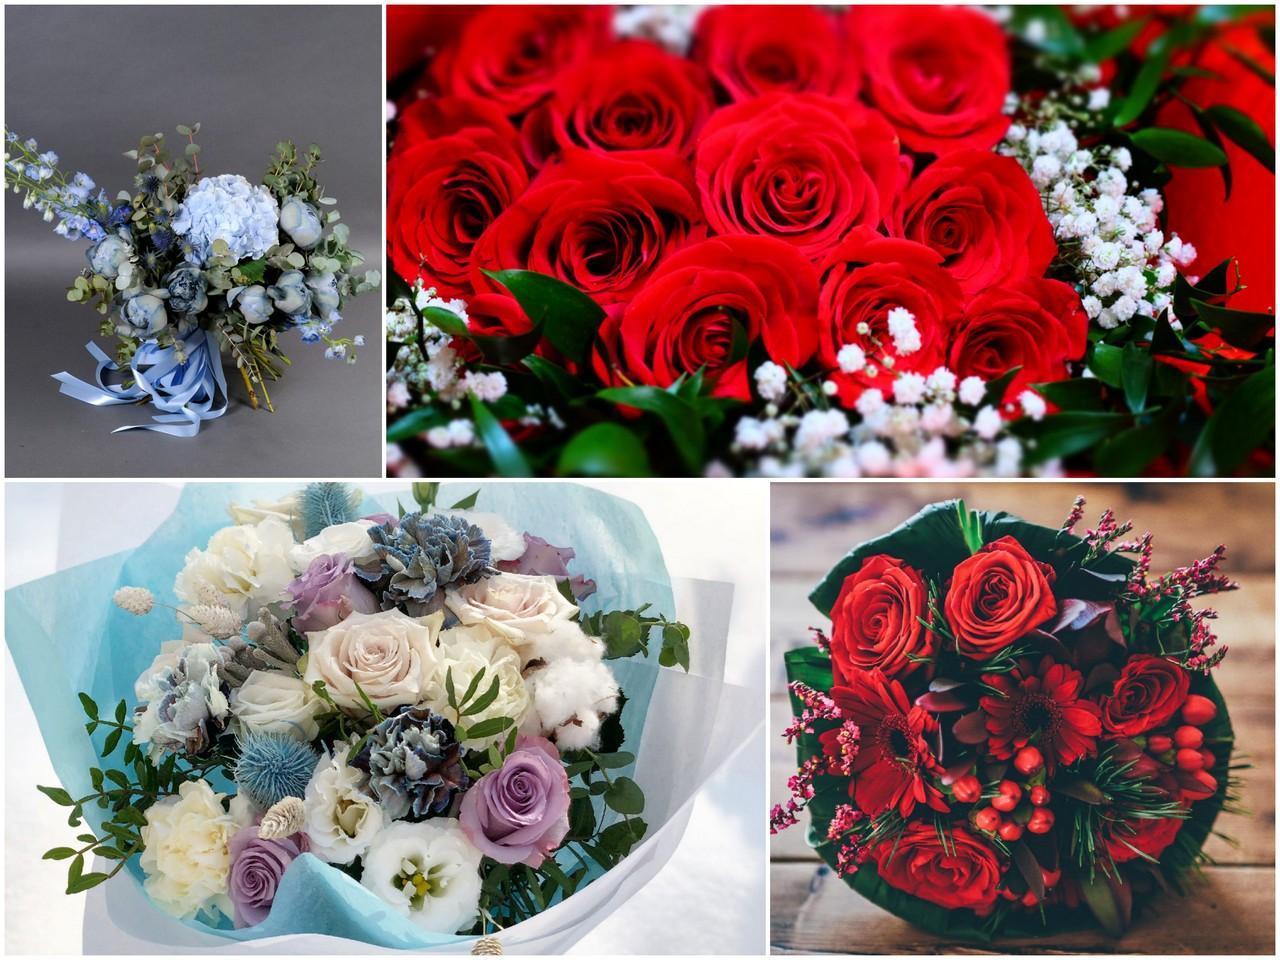 О чем говорит алый букет цветов или голубой